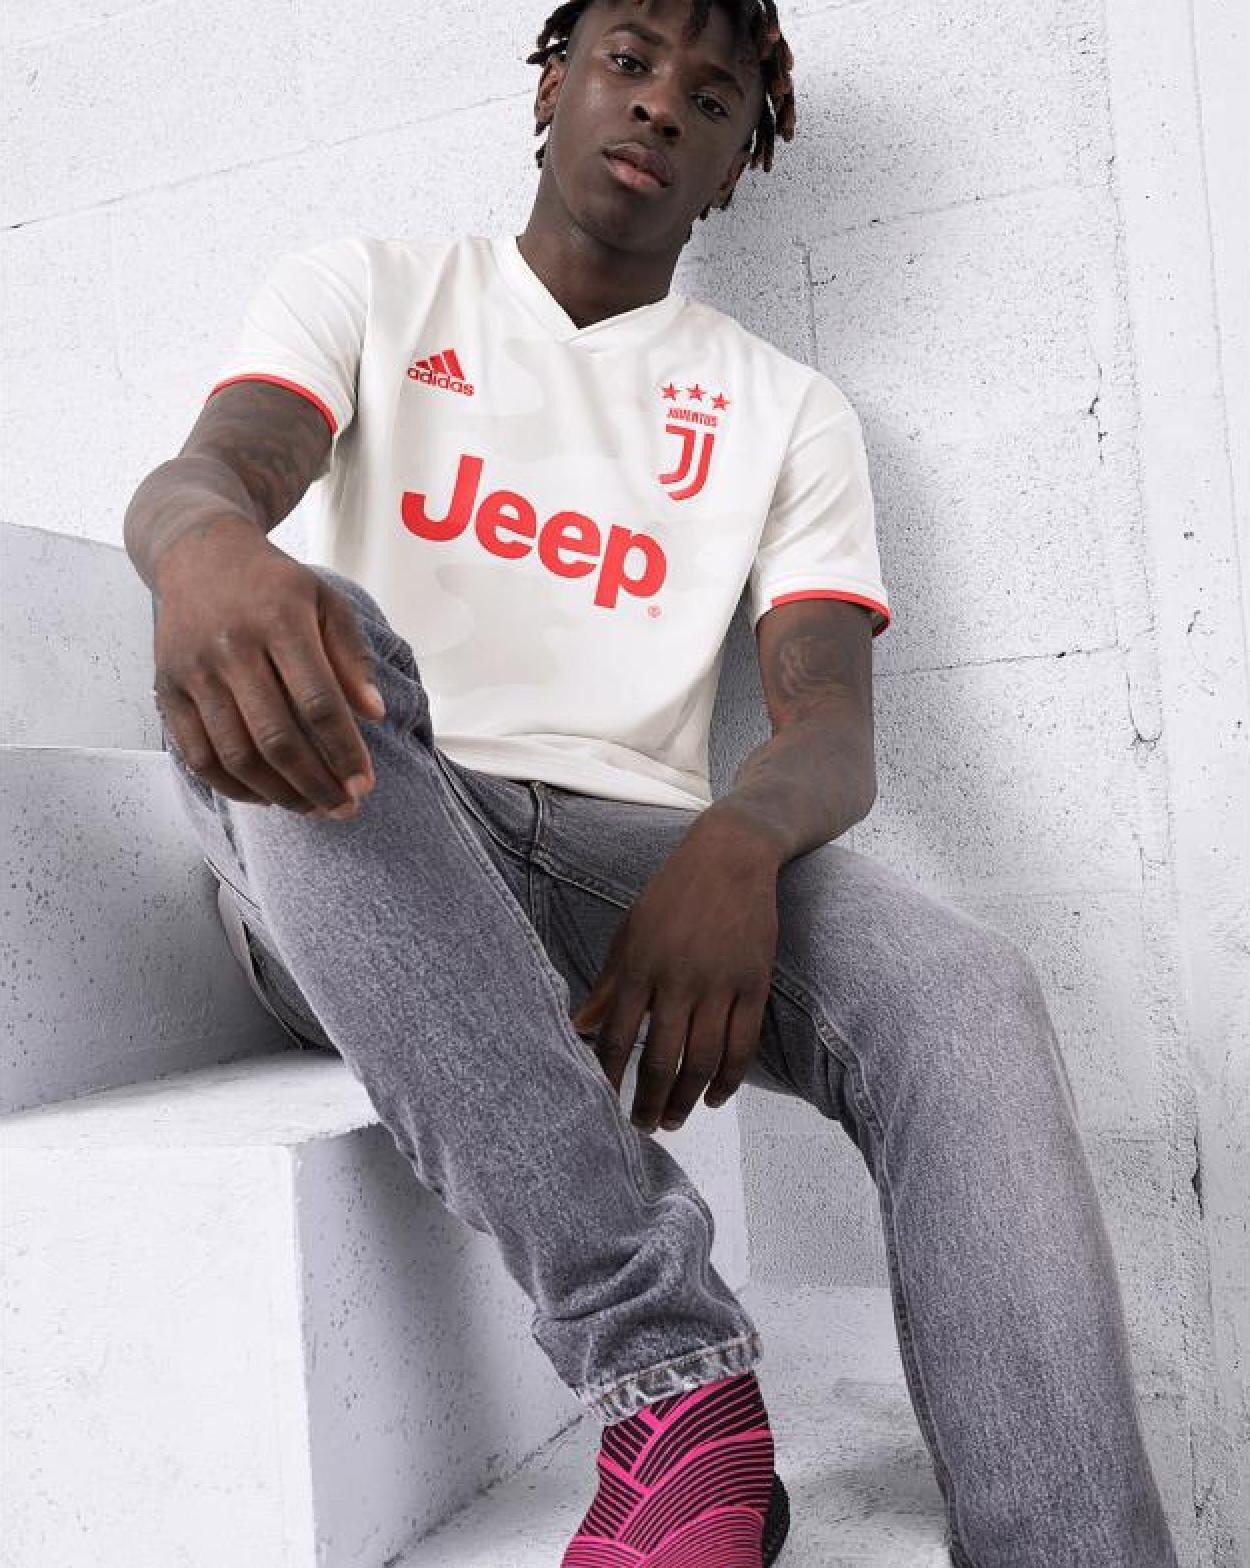 Juventus 2020 nouveau maillot de football exterieur 2019 2020